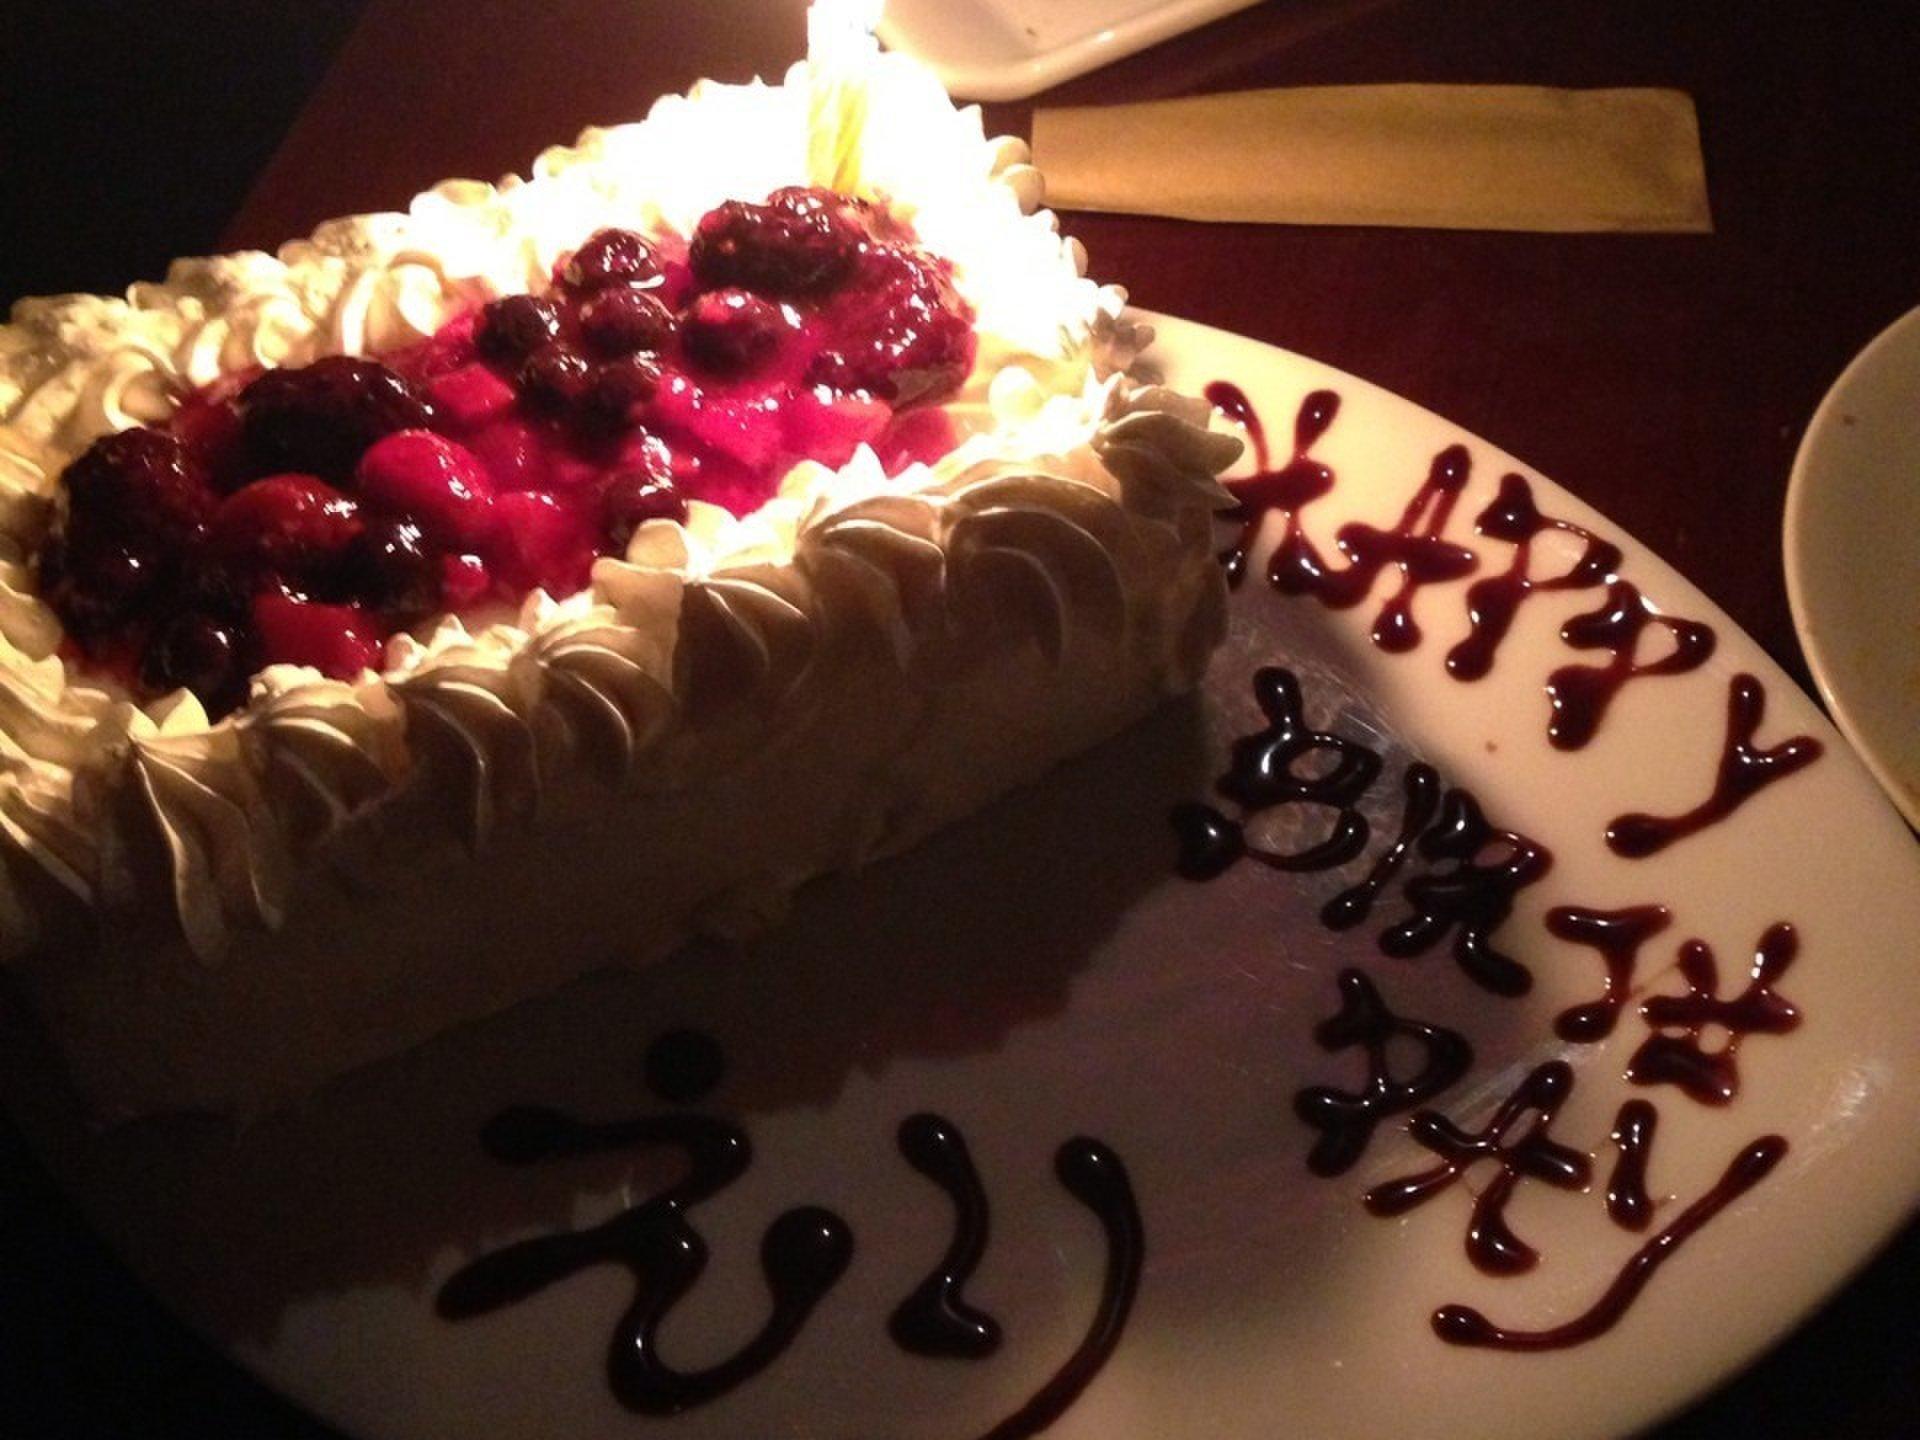 千葉でサプライズ女子会!個室ありの「千葉っ子ダイニングPecori」でサプライズ誕生日パーティ!